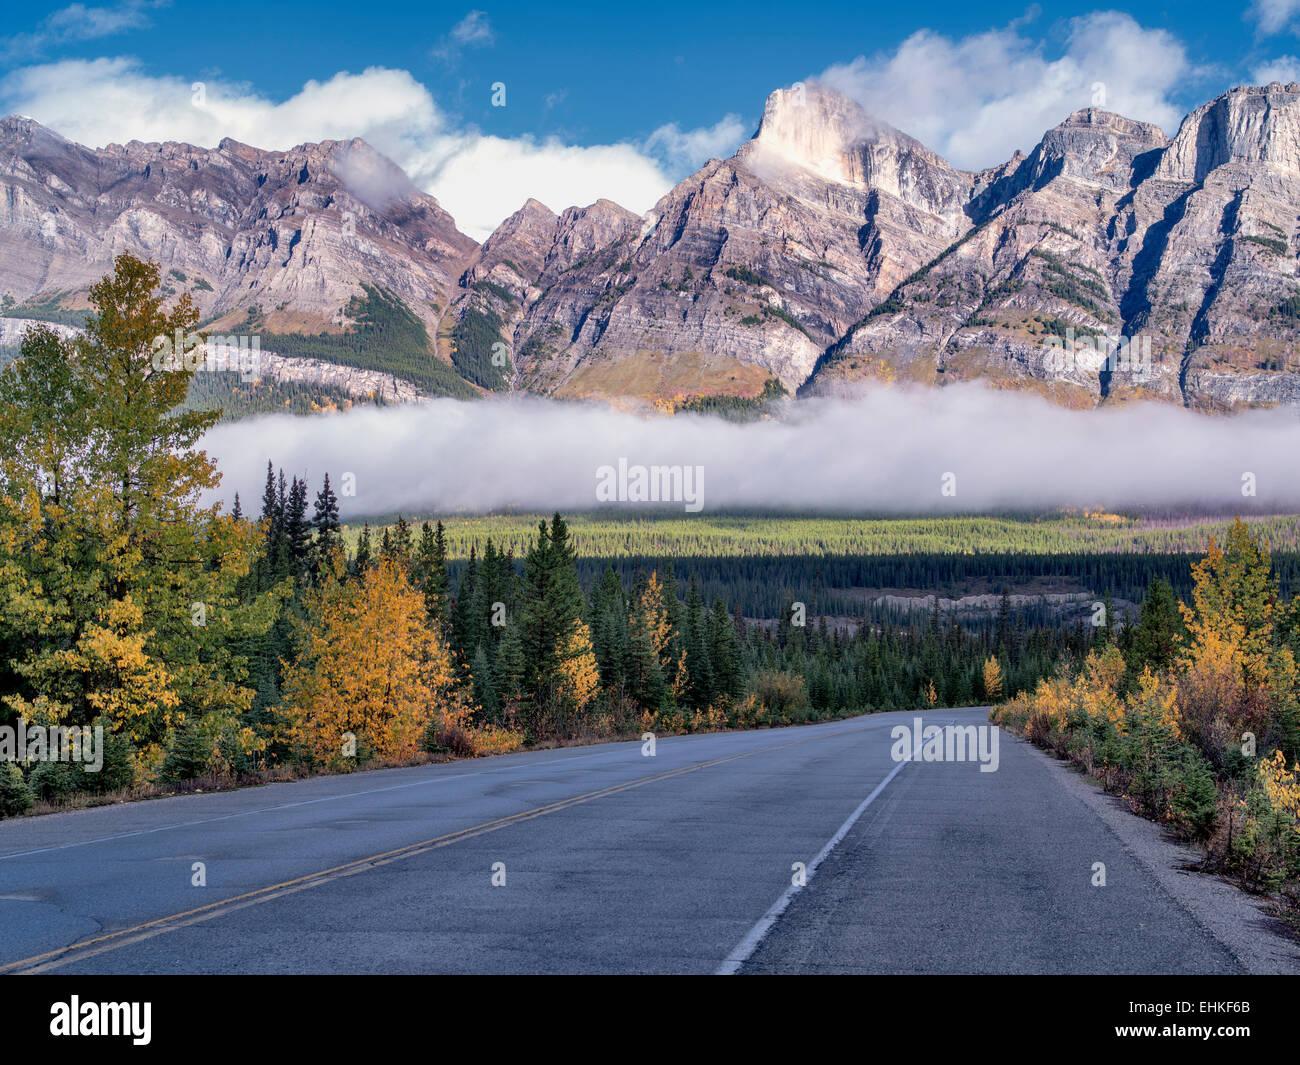 La route, le brouillard et les nuages bas aux couleurs de l'automne. Le parc national Banff. L'Alberta, Photo Stock